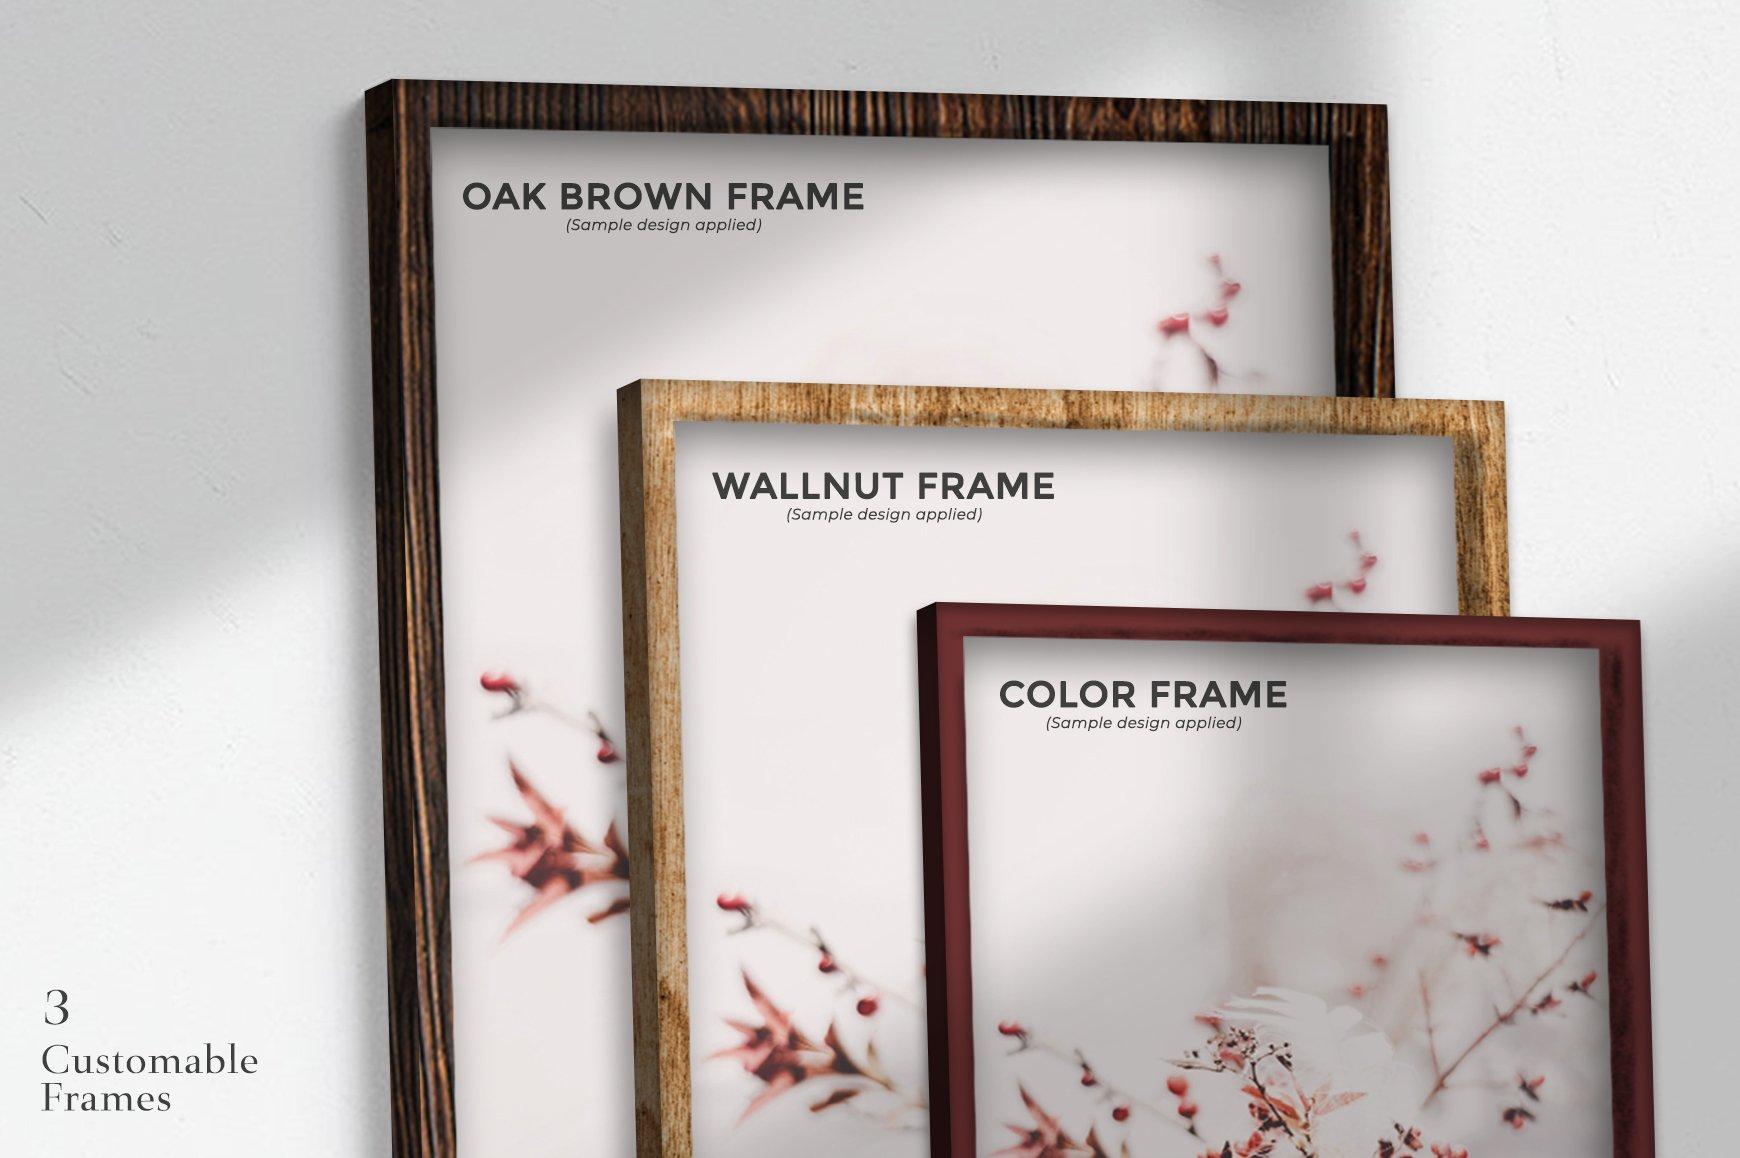 多规格木质画框绘画海报设计智能贴图展示样机PS素材 Frame Mockup Kit插图(5)